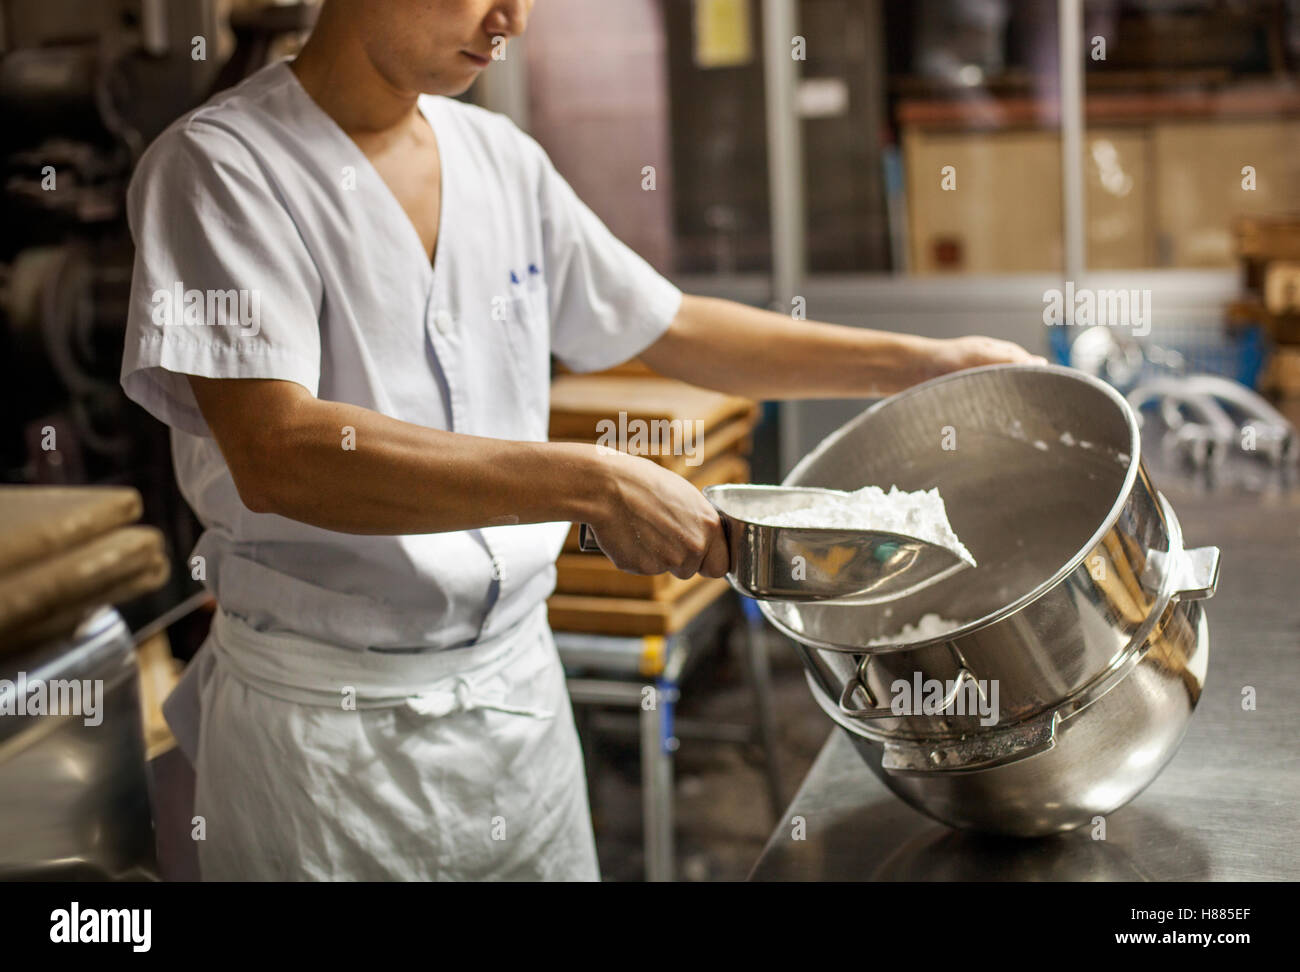 Hersteller von Wagashi kleinen Handwerker. Ein Mann, eine große Schale mit Zutaten mischen Stockbild